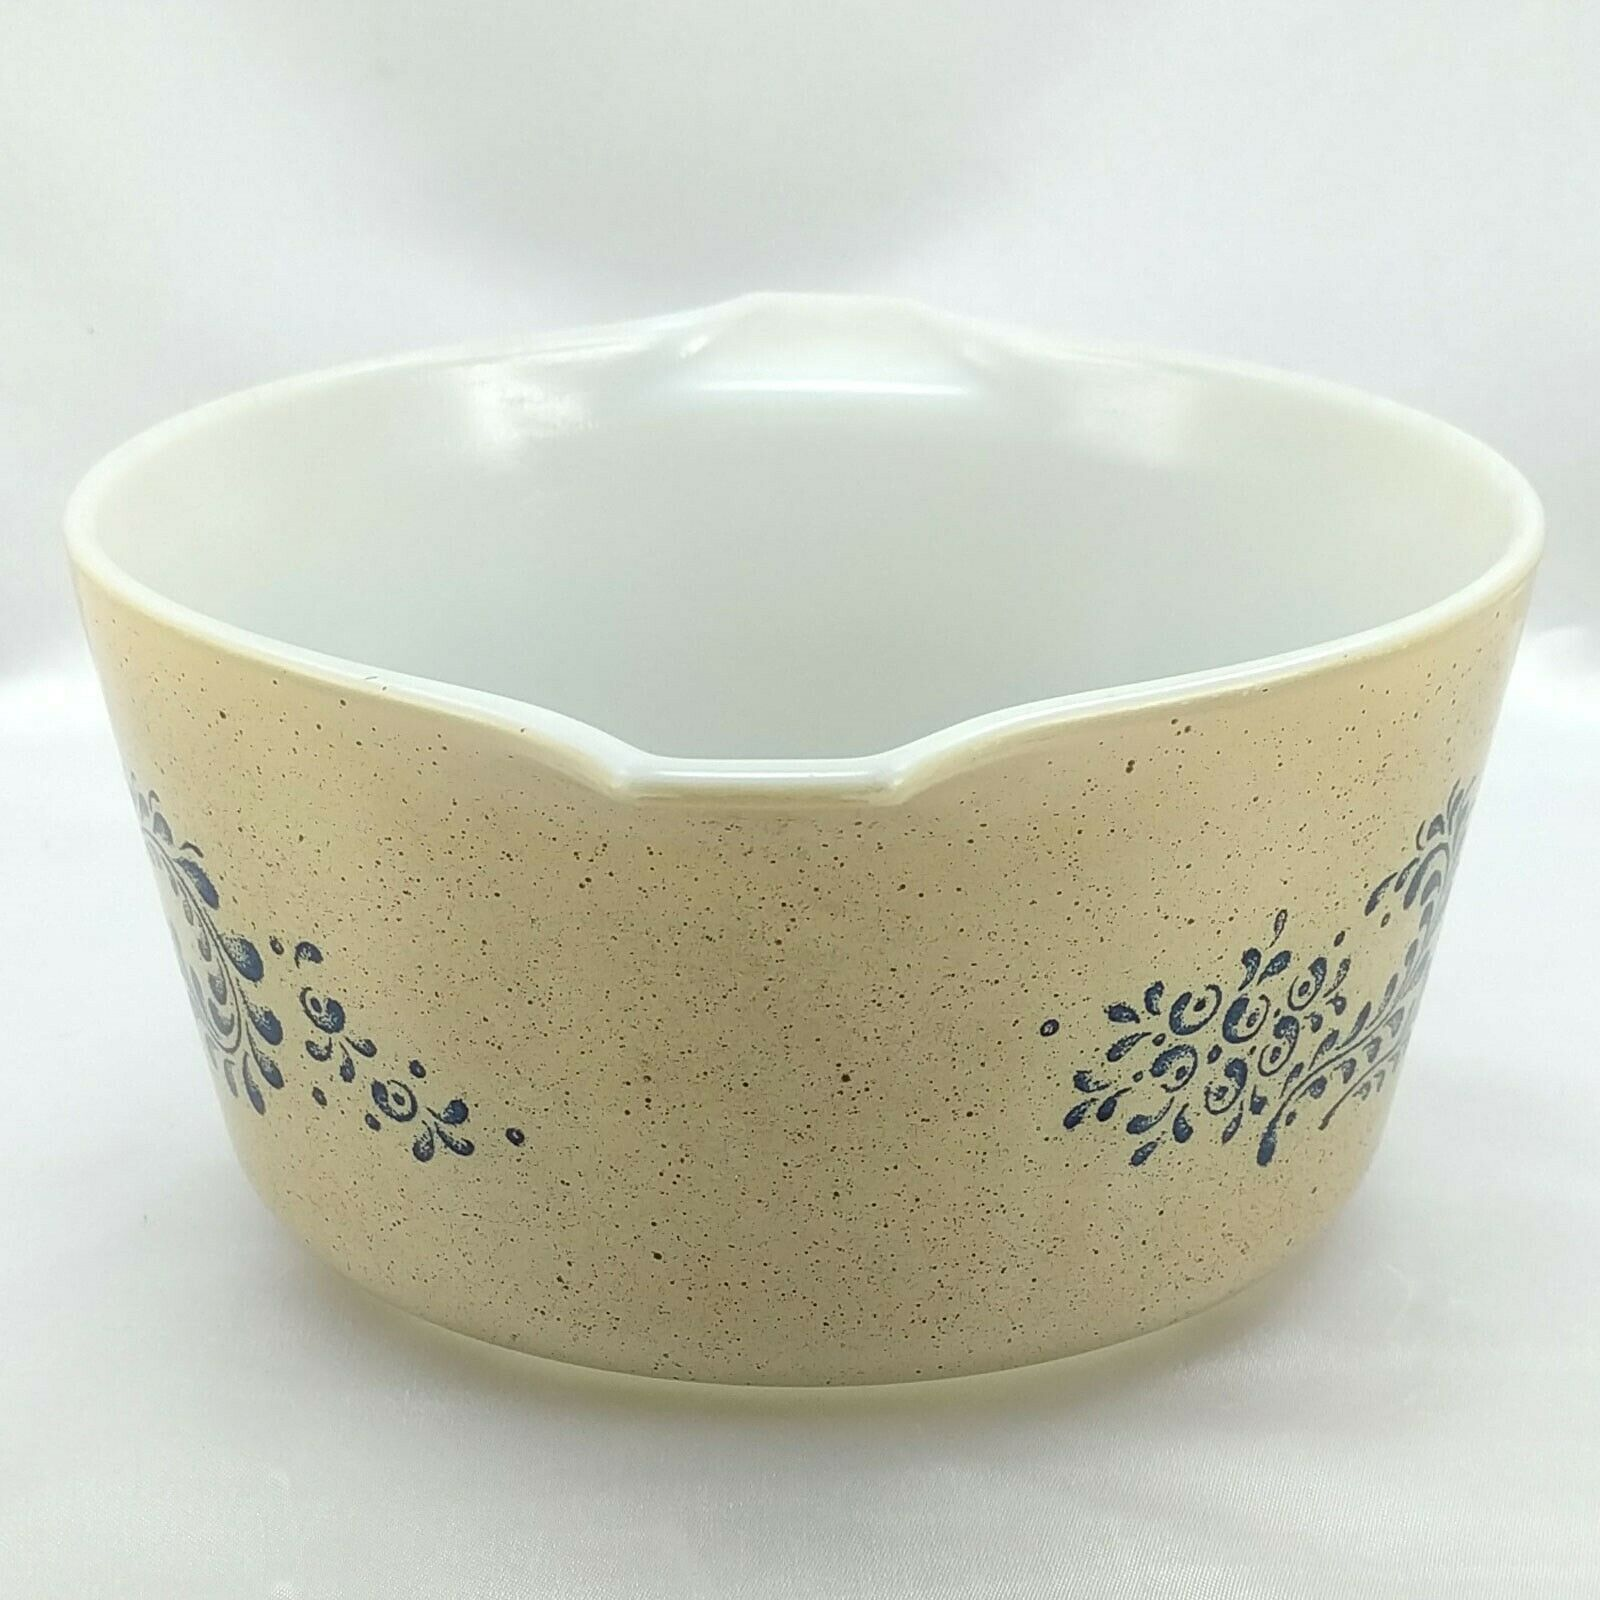 Pyrex 473 Homestead Blue Floral Speckled Vintage Baking Serving Casserole Dish image 2